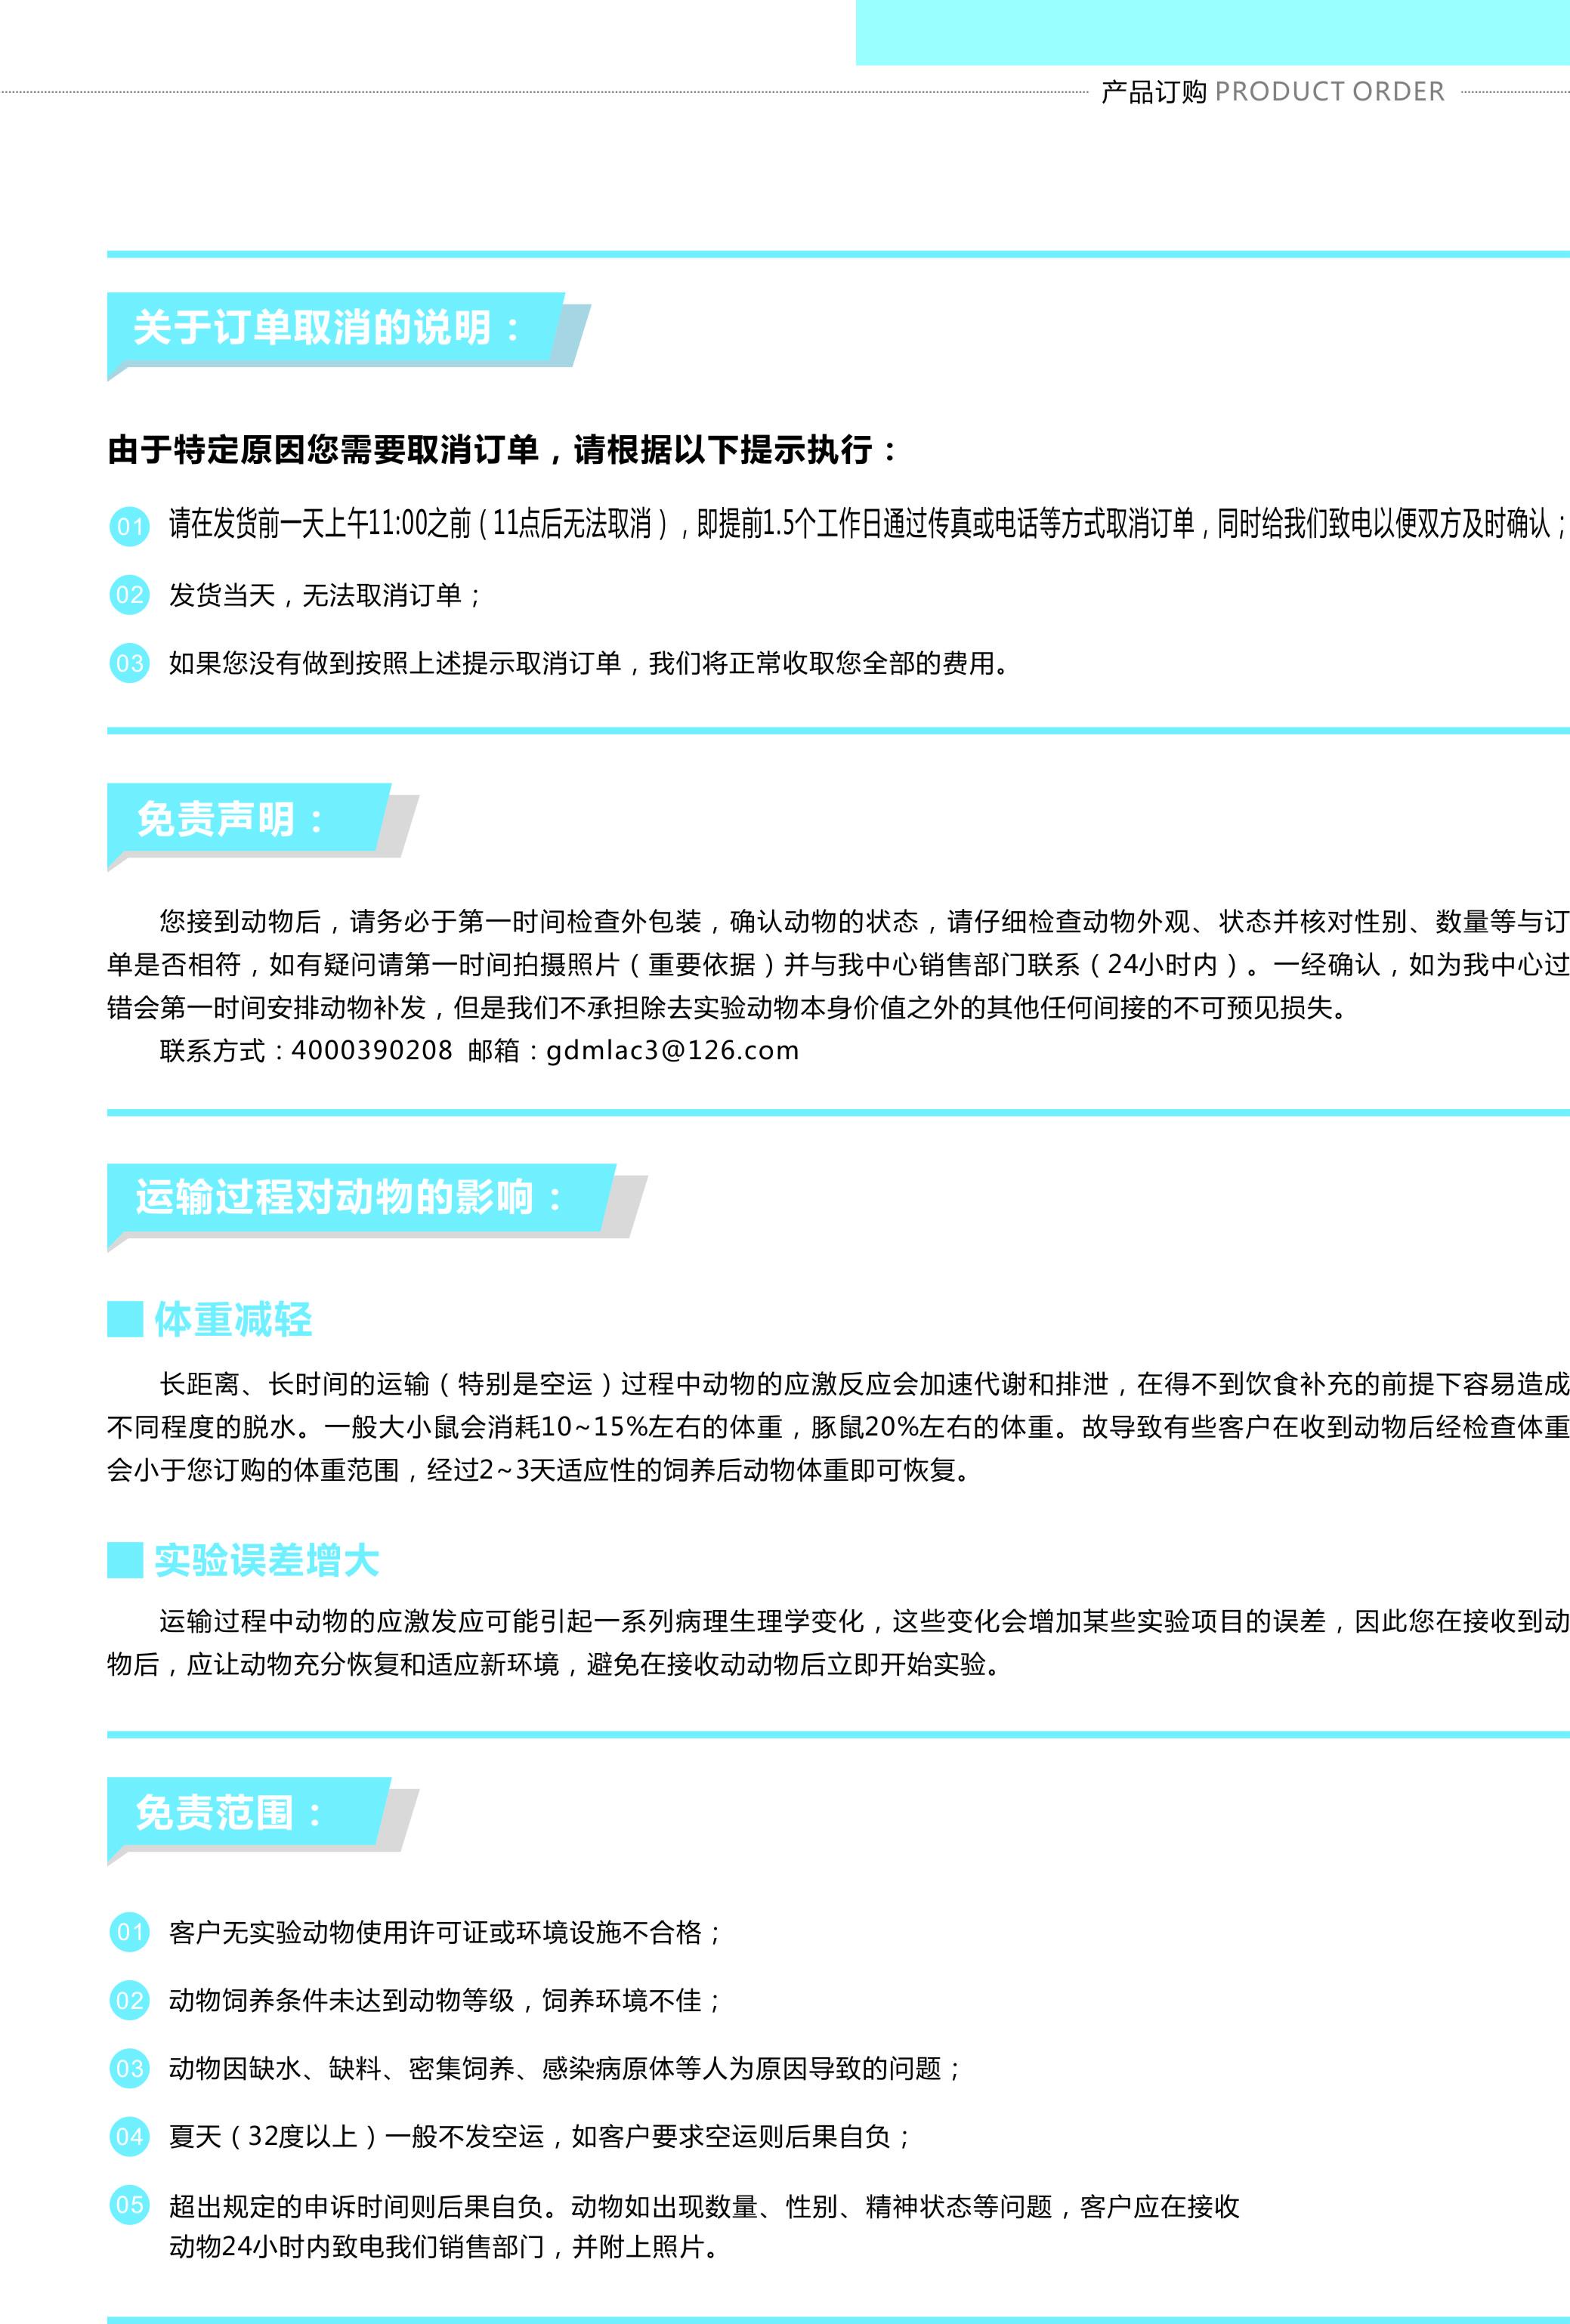 产品订购流程2(替换).jpg